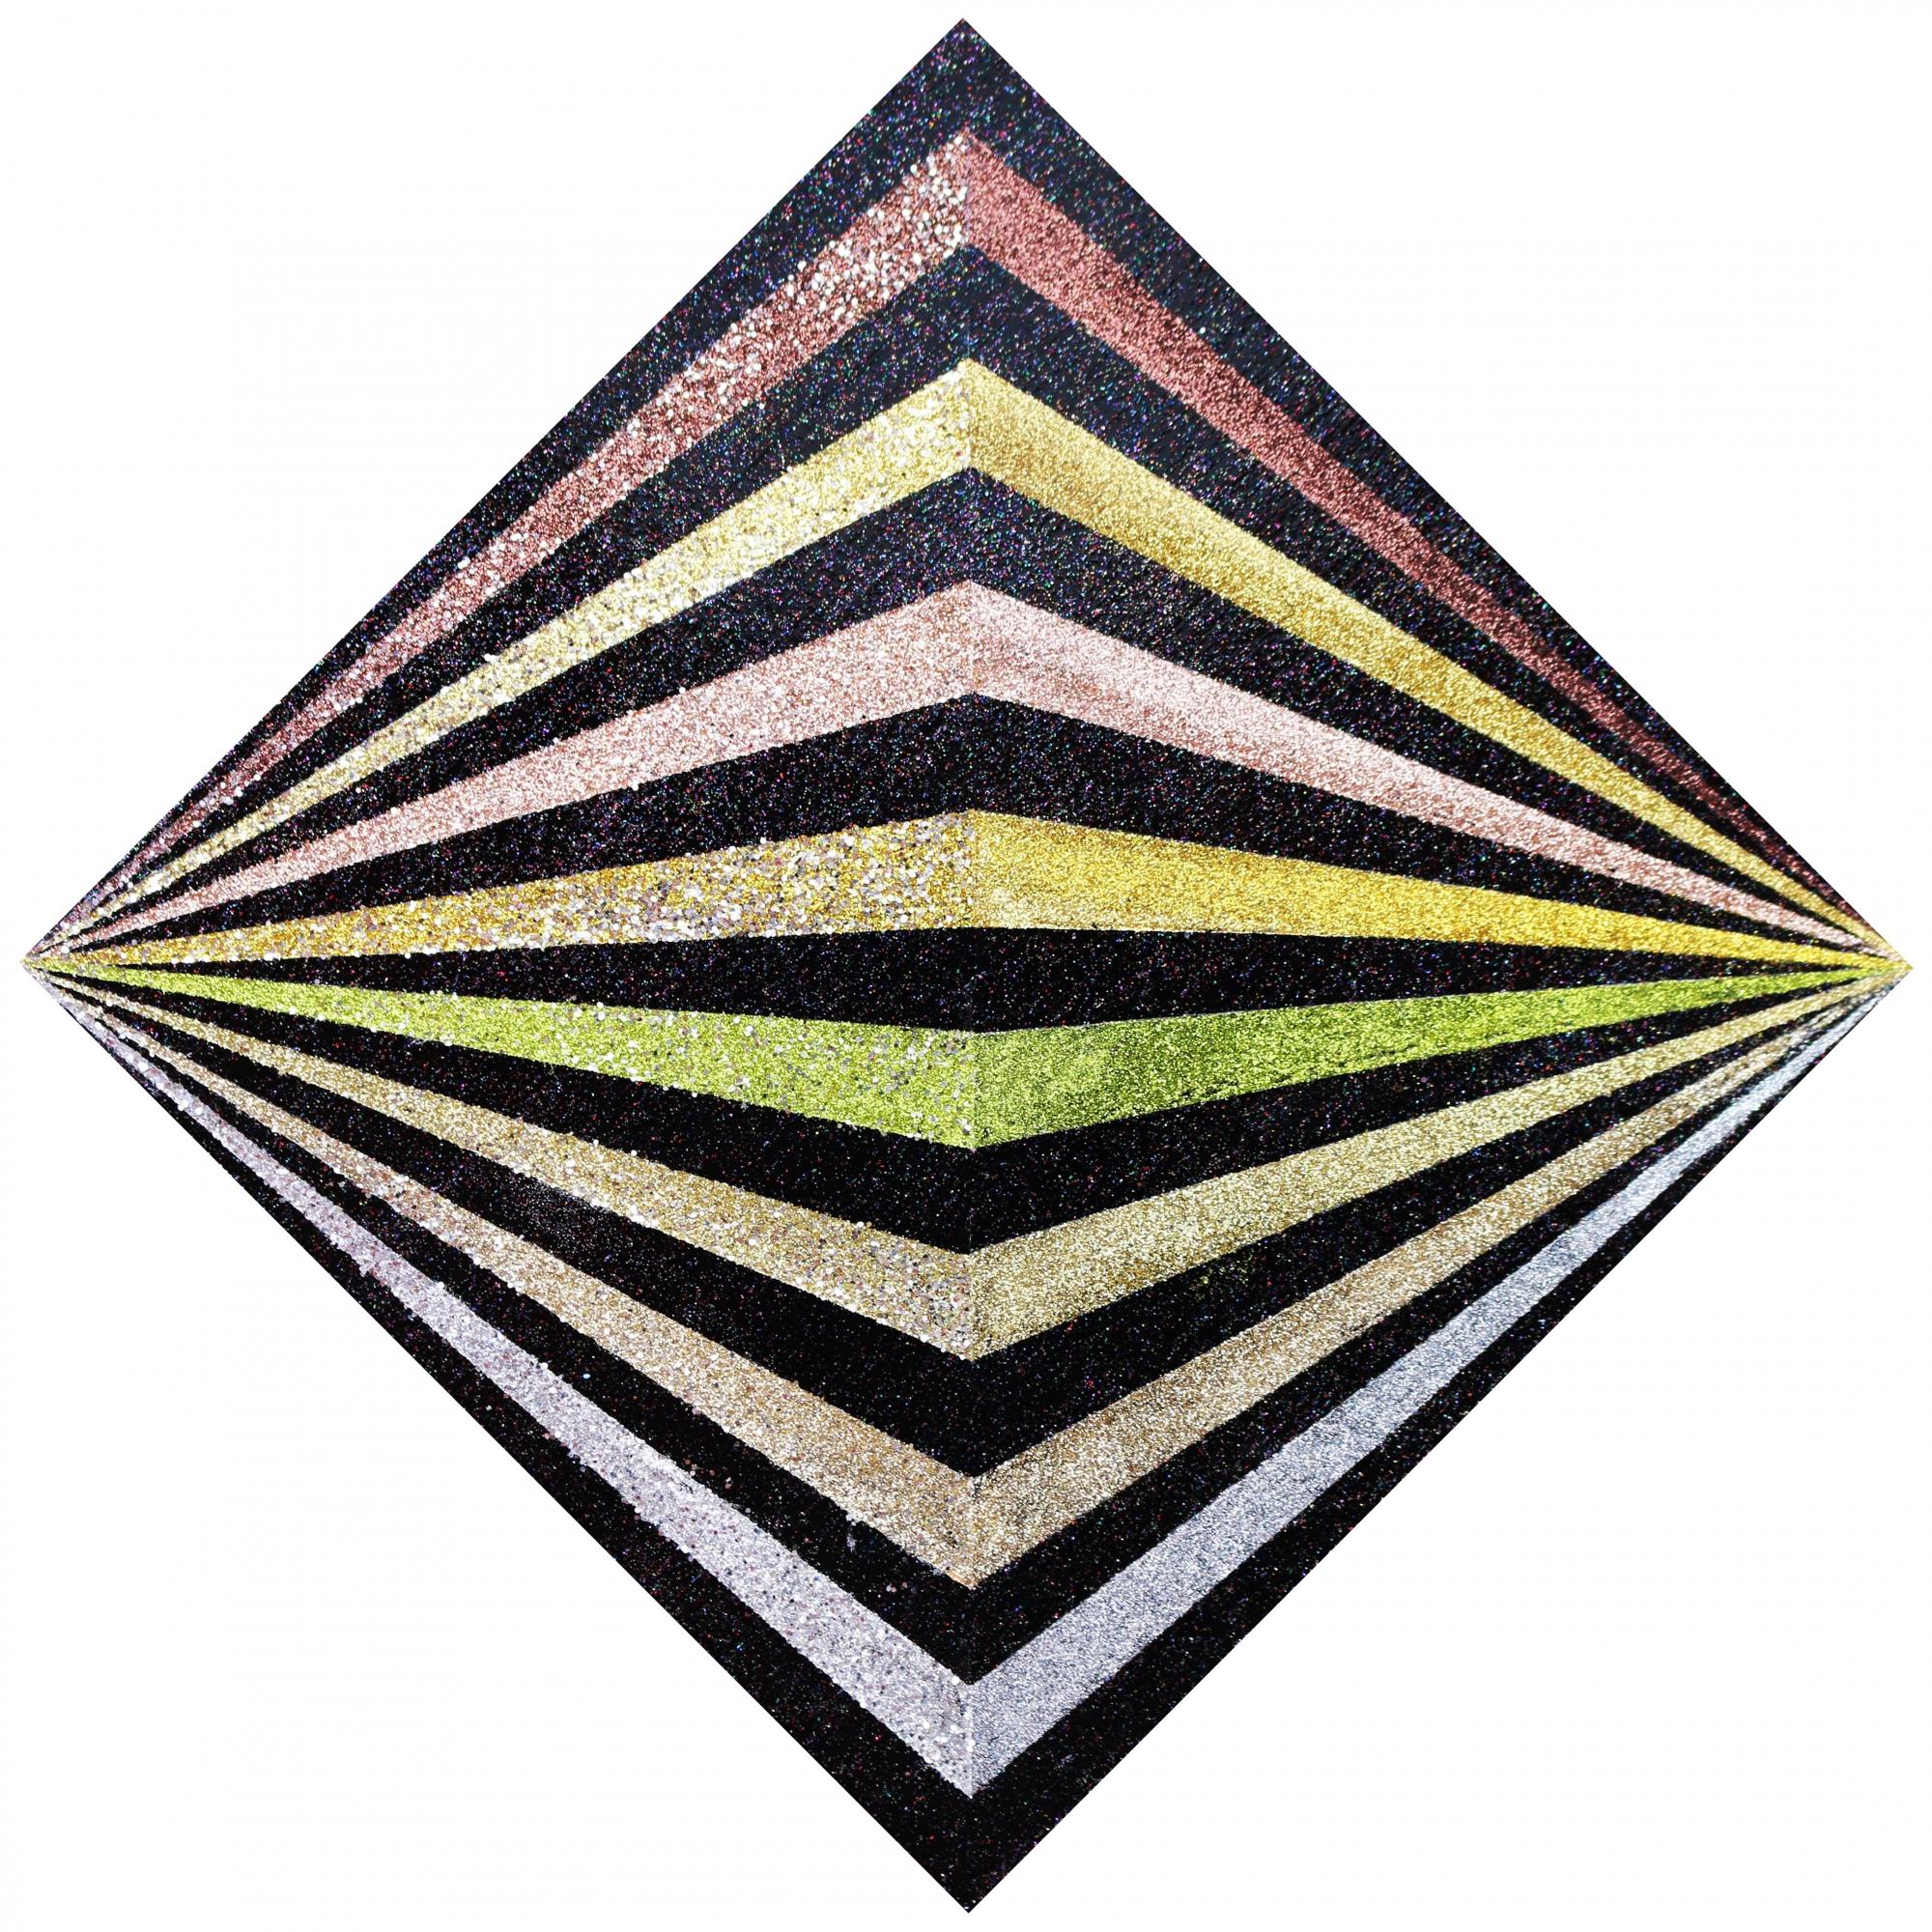 Refracted Metals by Kristofir  Dean